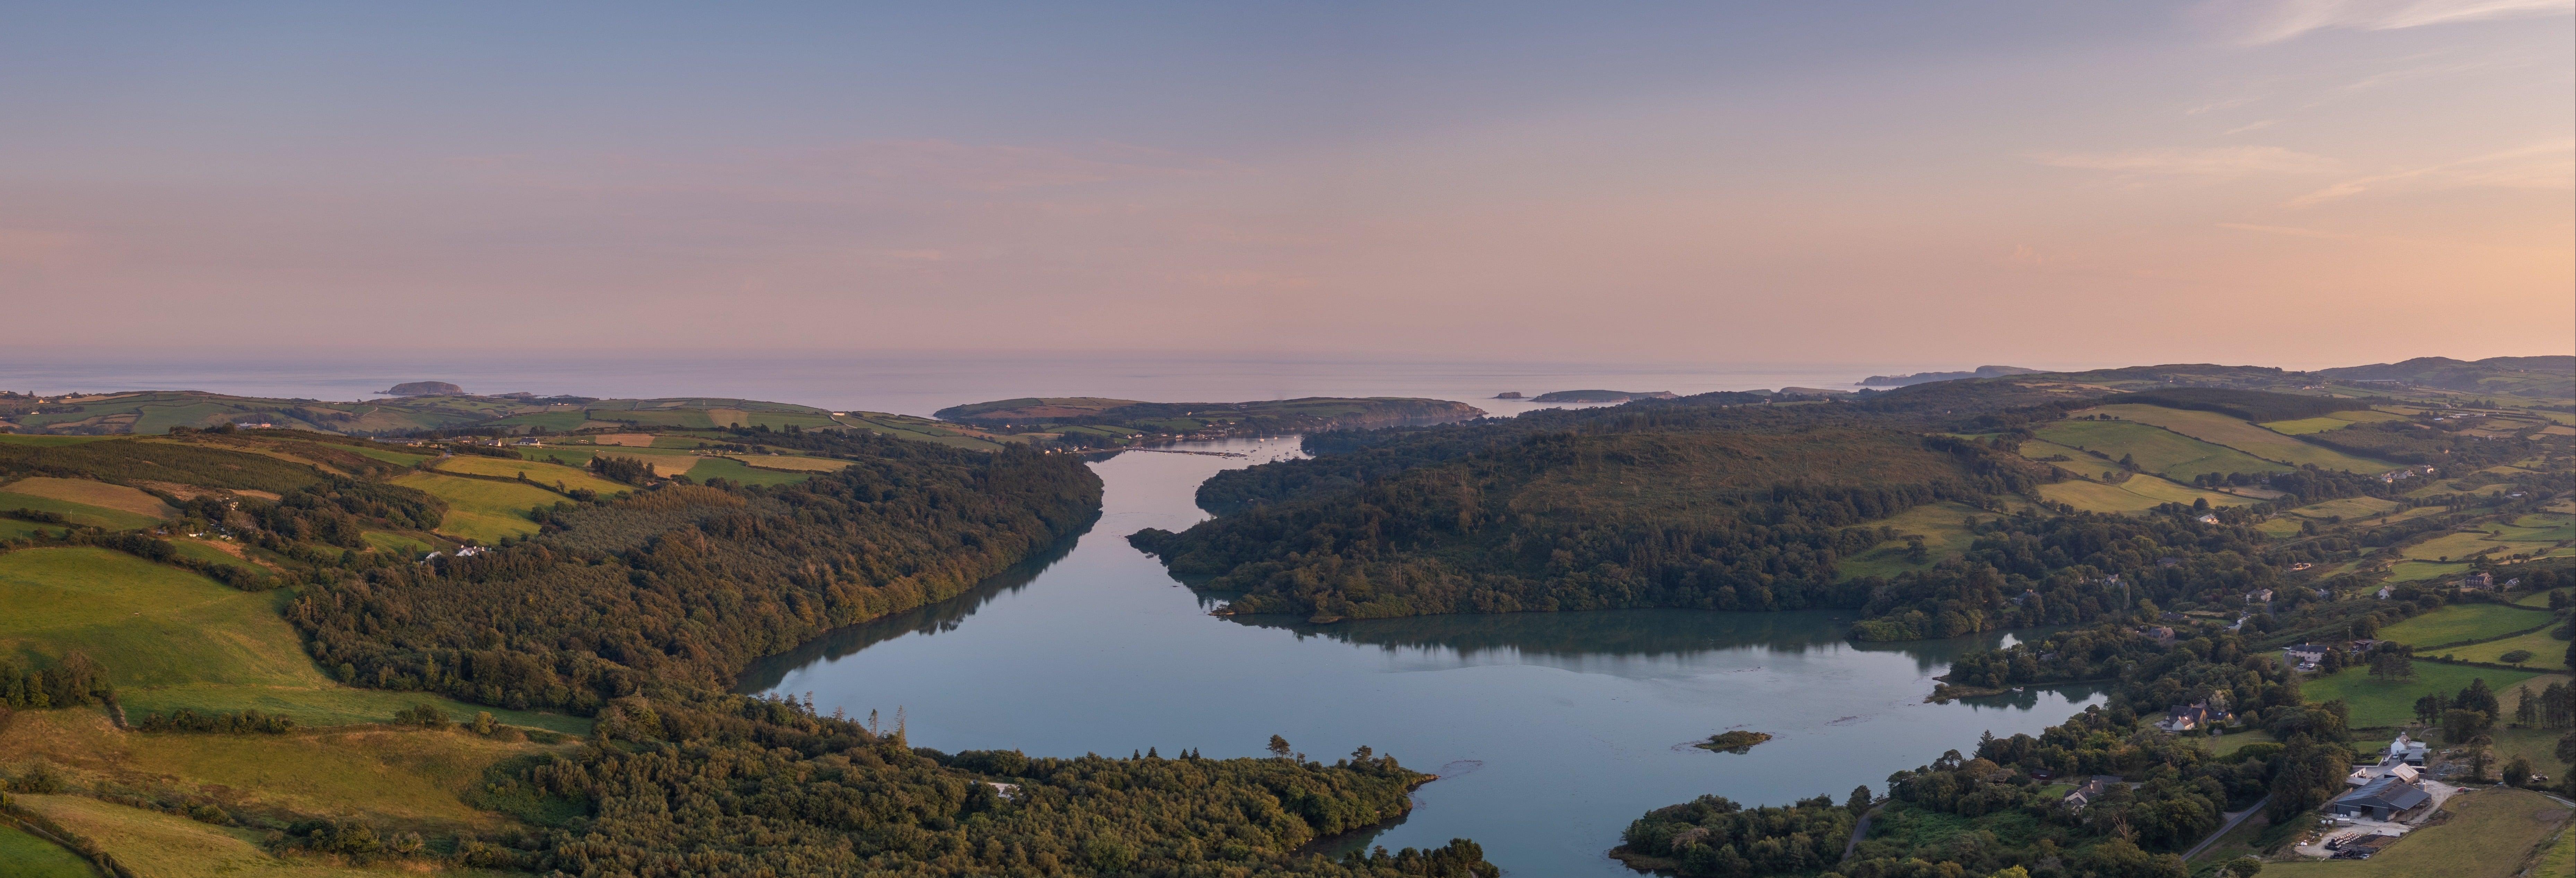 Tour en kayak por la bahía de Castlehaven